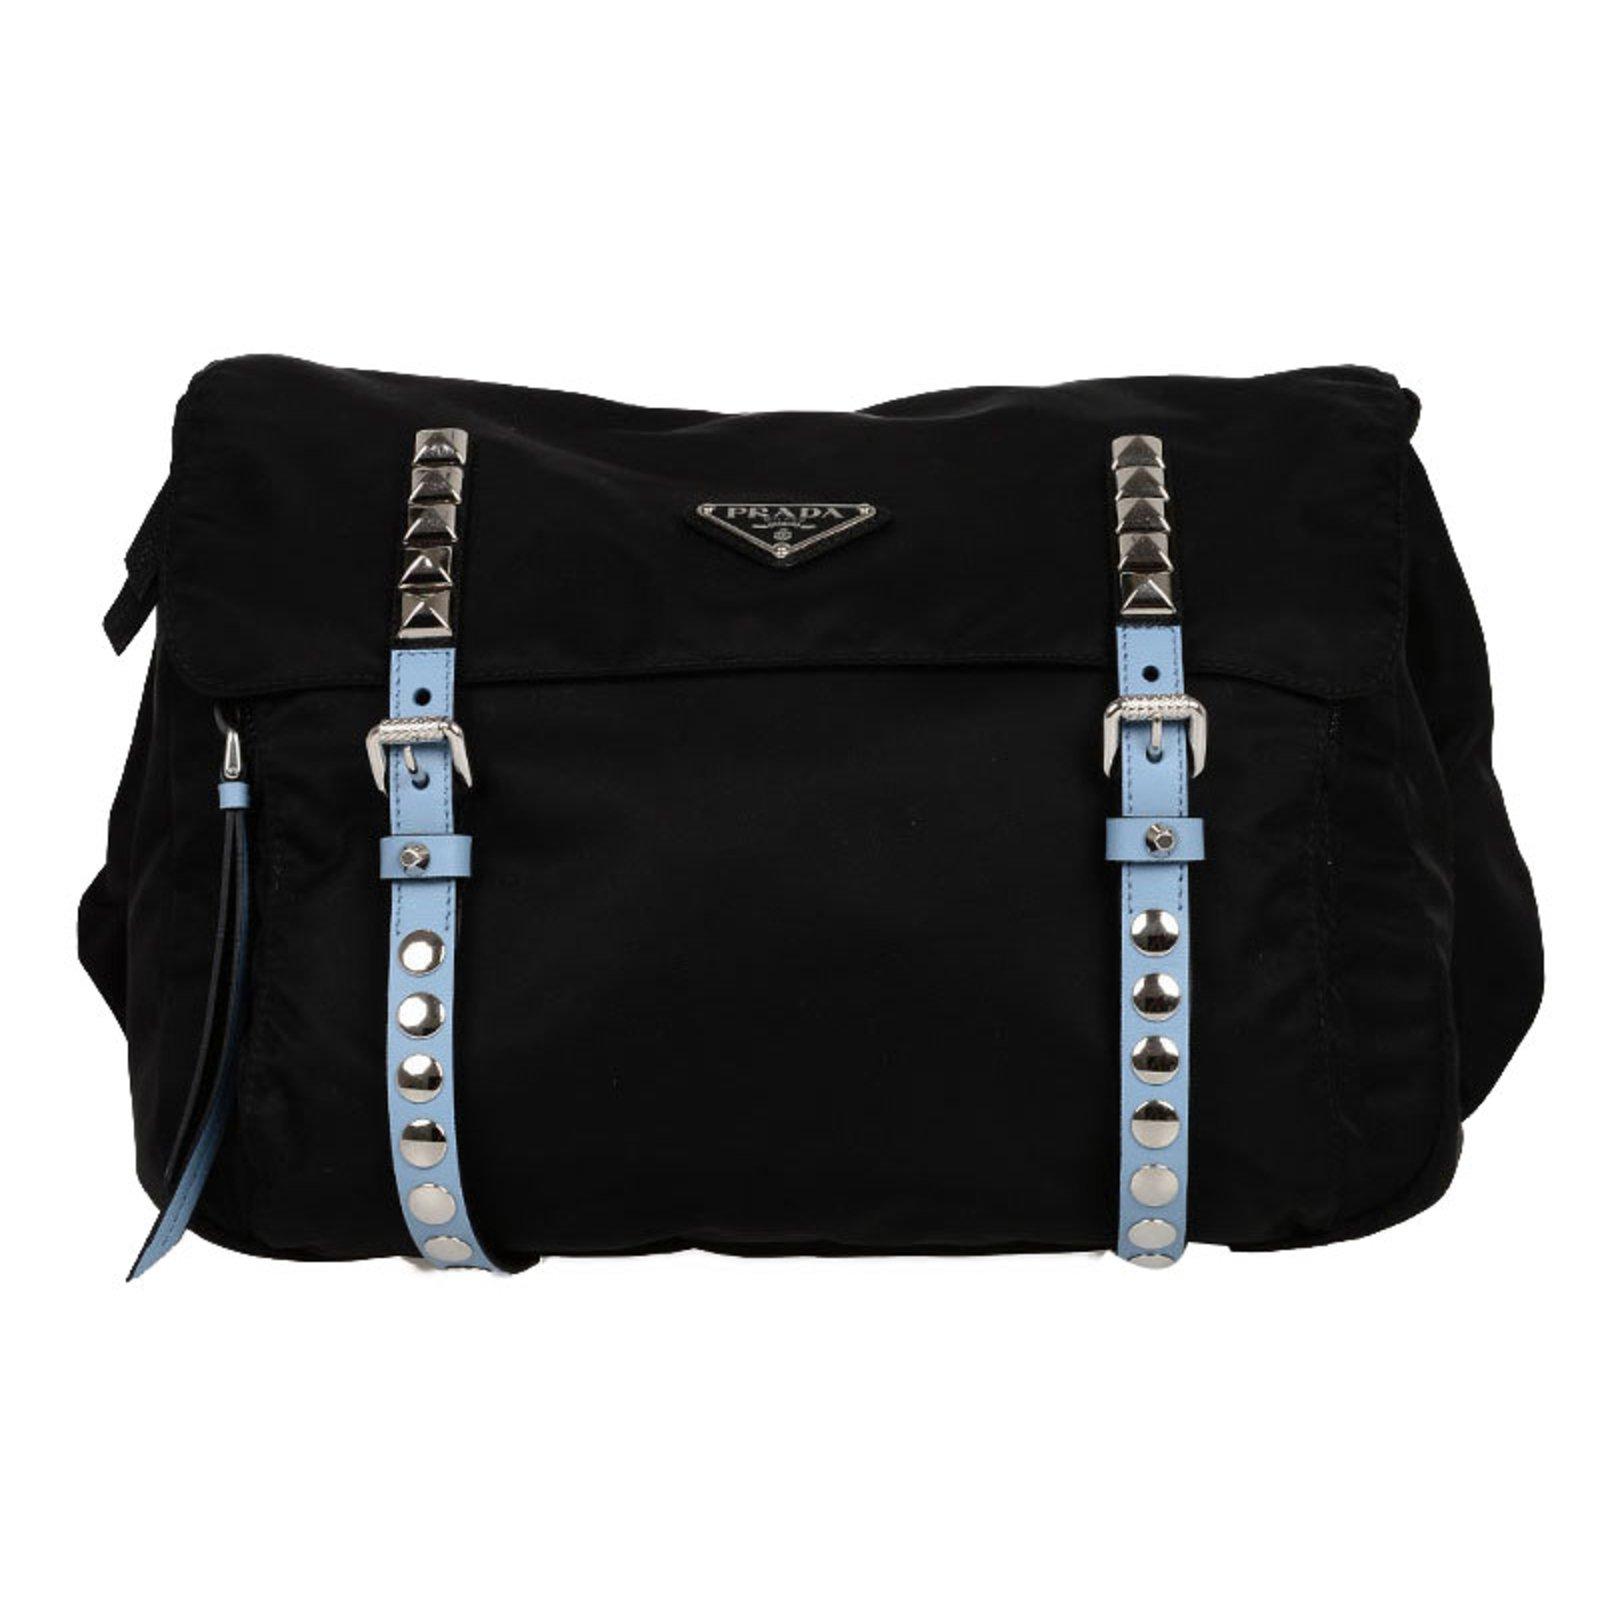 ... where can i buy prada studded bag handbags nylon black ref.76589 a9134  2ce81 6208091867546